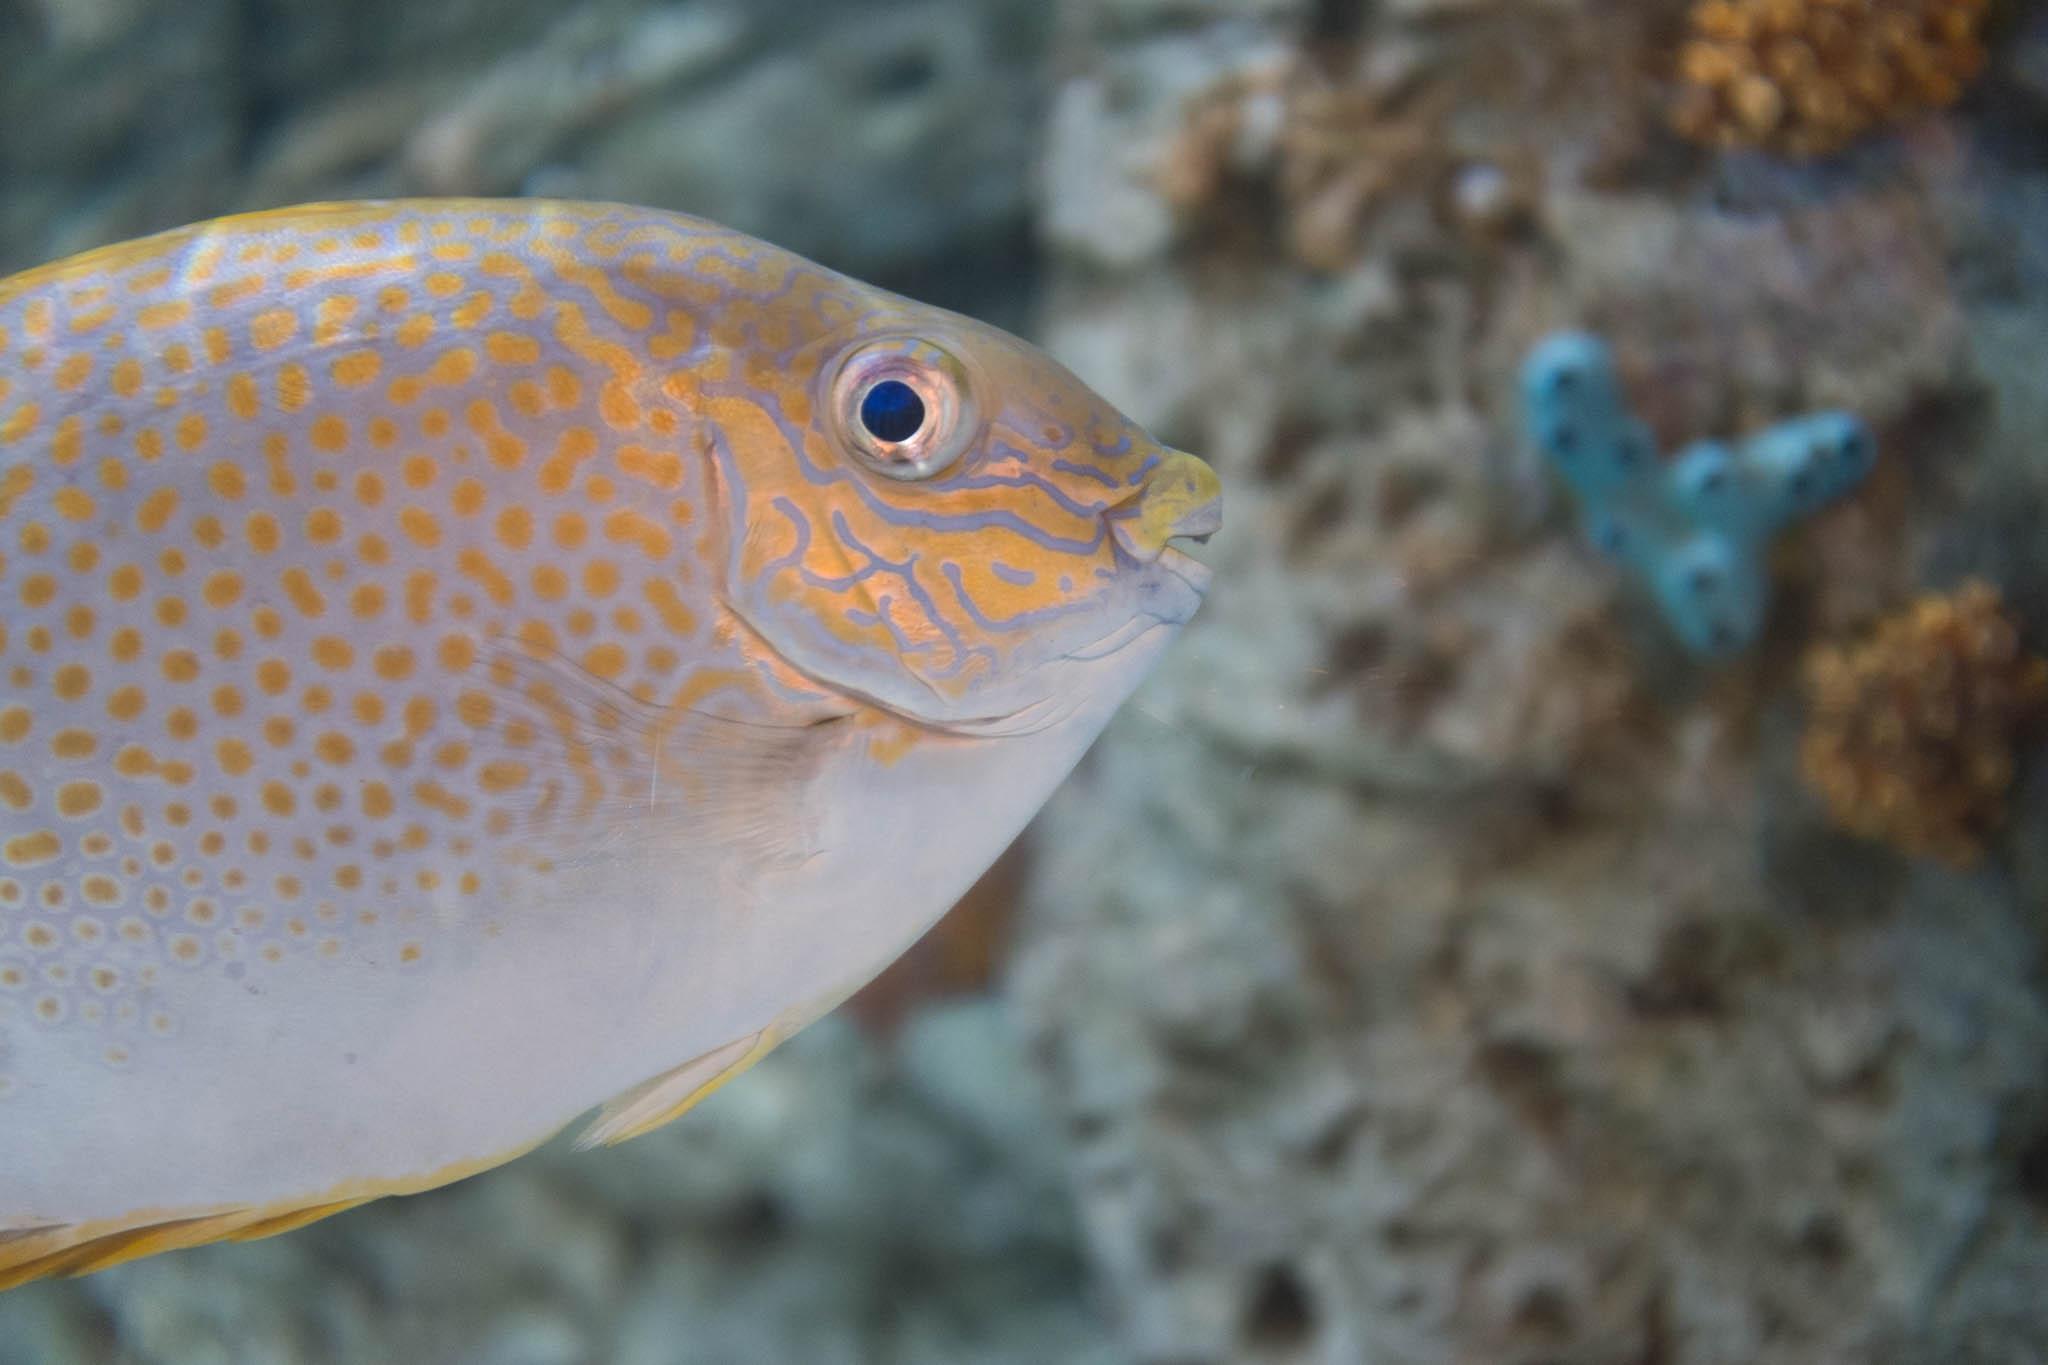 Aquarium of the Pacific-3-30-16-1369.jpg